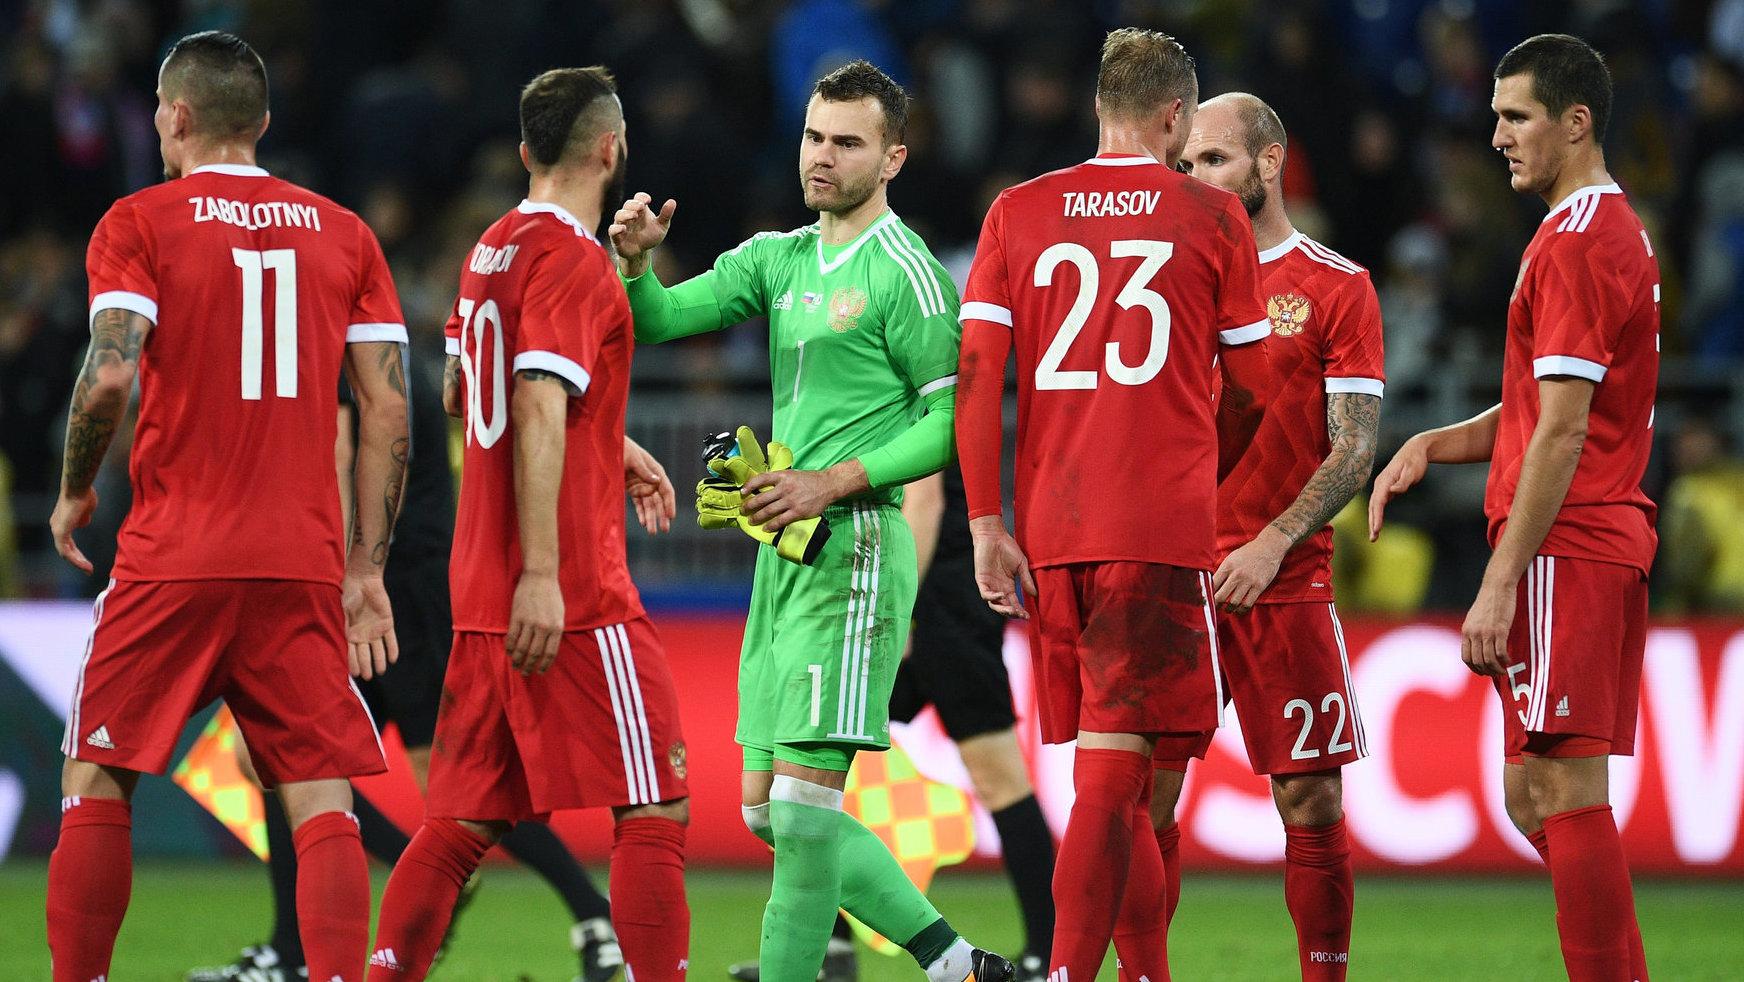 ФИФА признала очевидное и назвала сборную России худшей командой ЧМ-2018